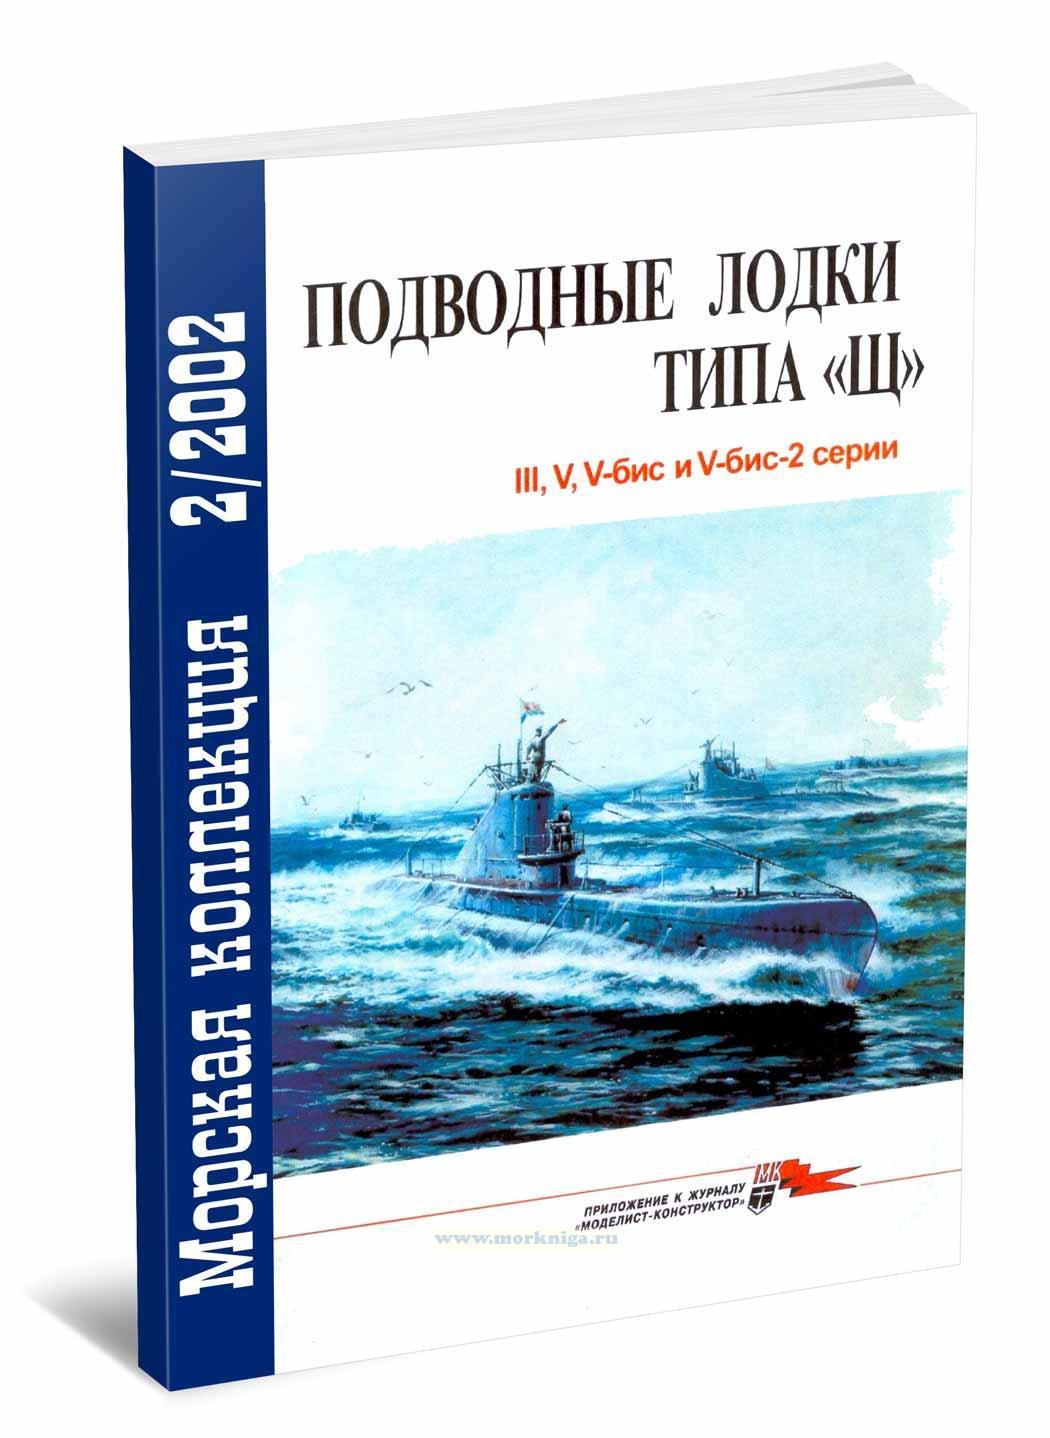 Подводные лодки типа «Щ» III, V, V-бис и V-бис - 2 серия. Морская коллекция №2 (2002)